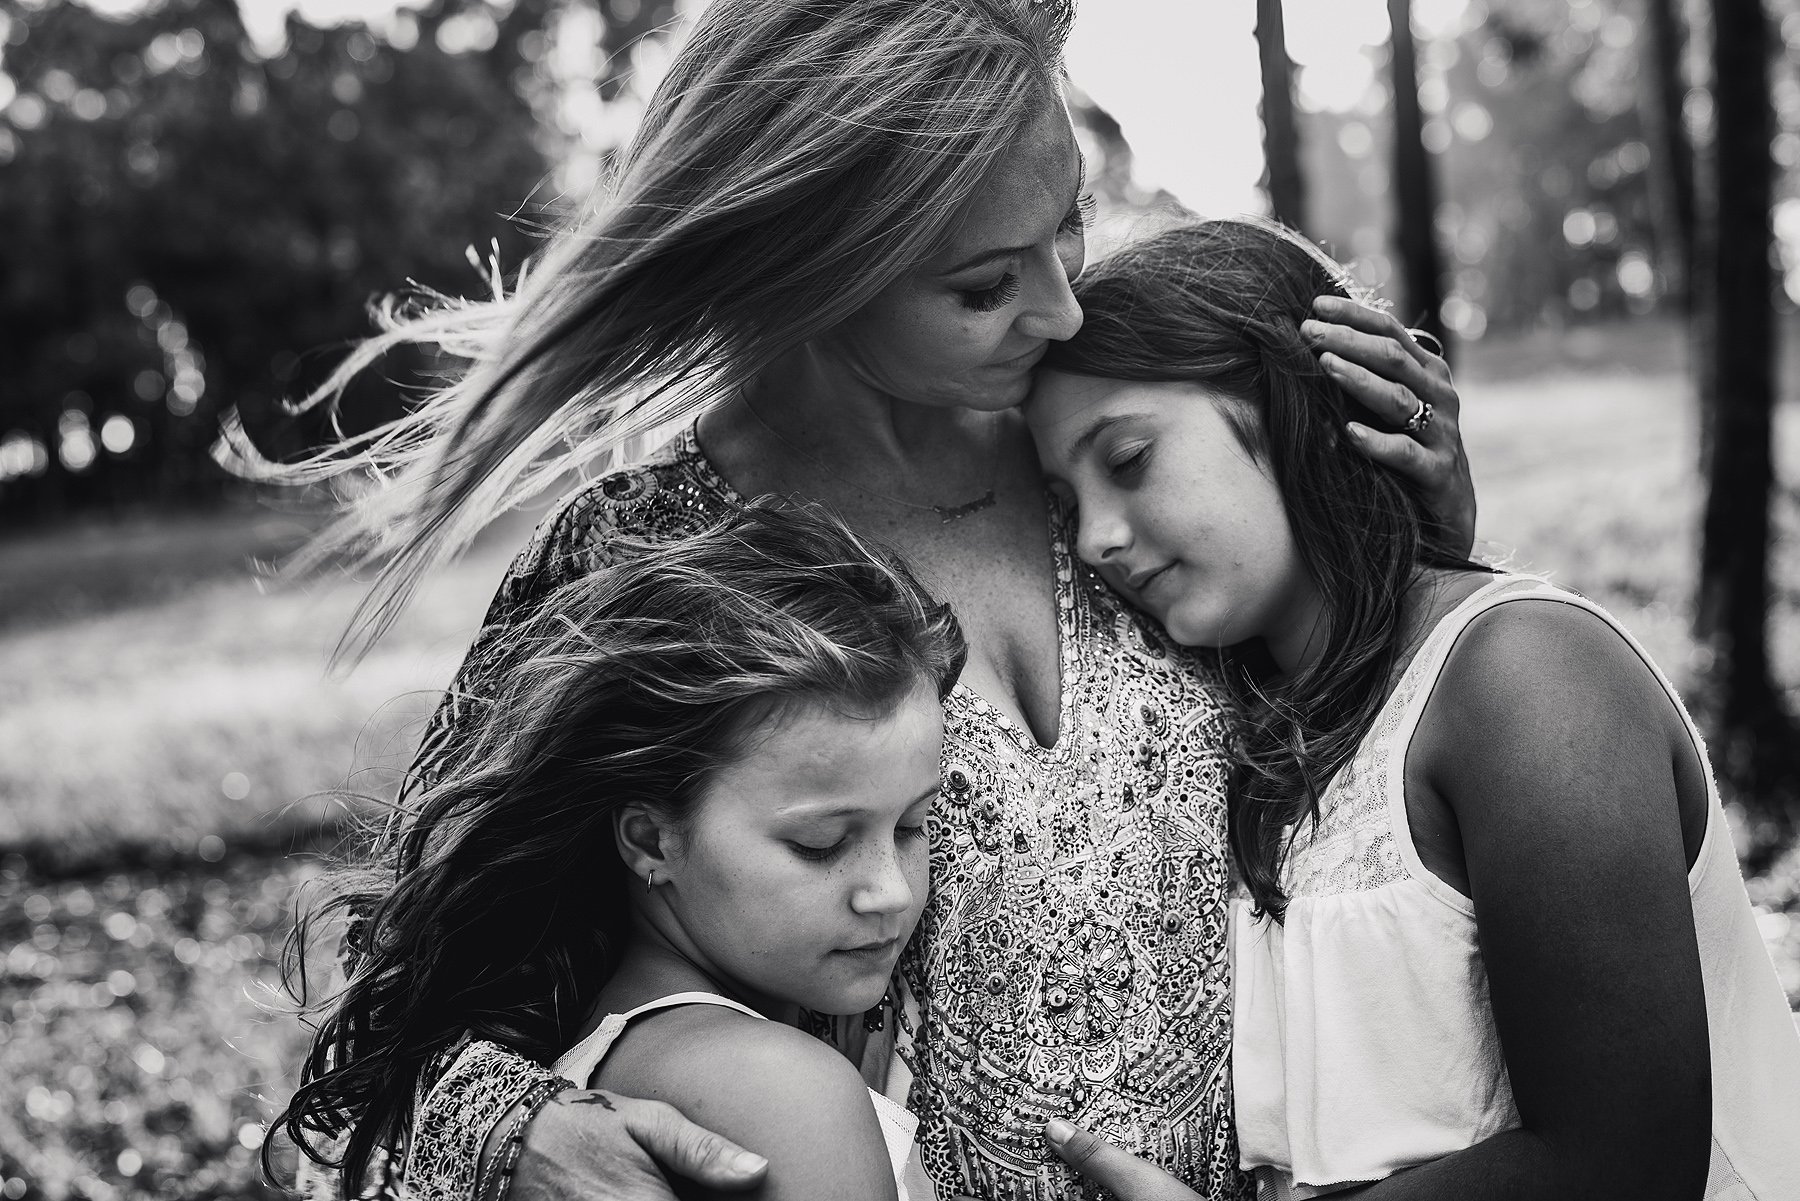 family- photography- sydney- cindy- cavanagh-3043 copy.jpg